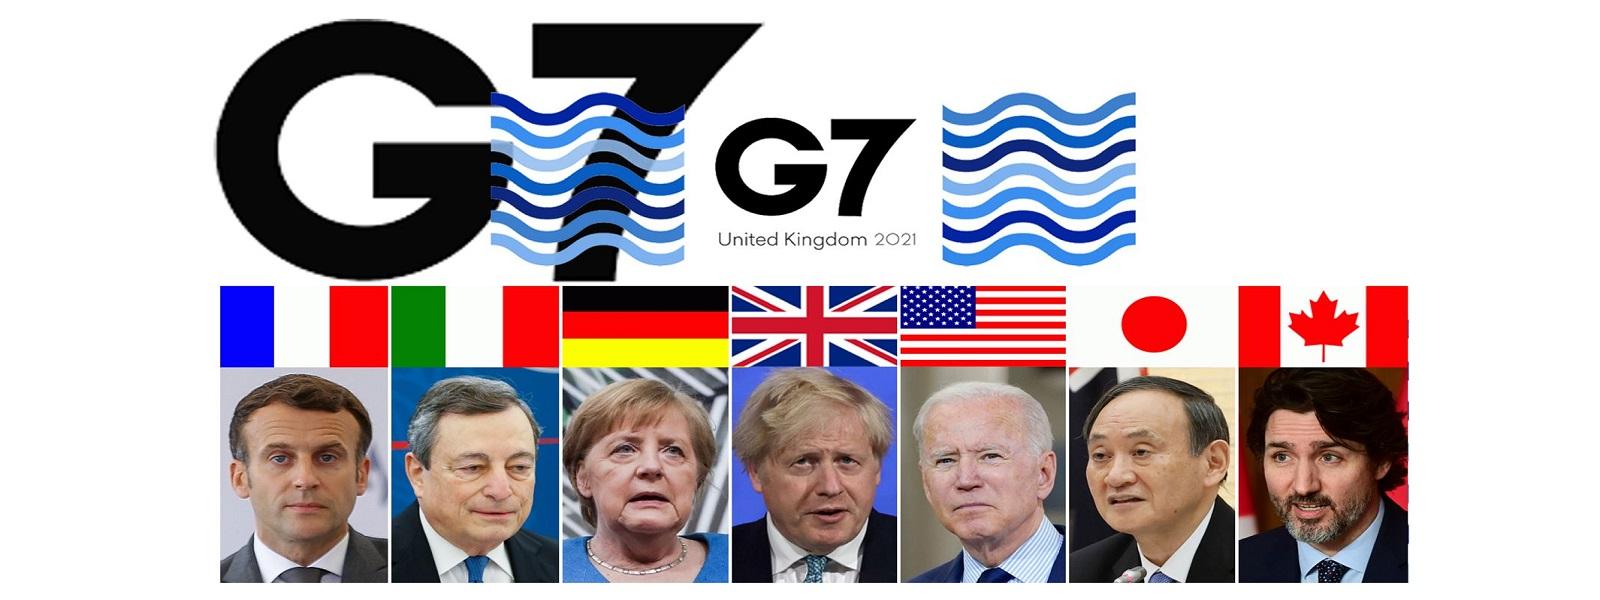 வறிய நாடுகளுக்கு 100 கோடி தடுப்பூசிகளை வழங்கும் G7 நாடுகள்